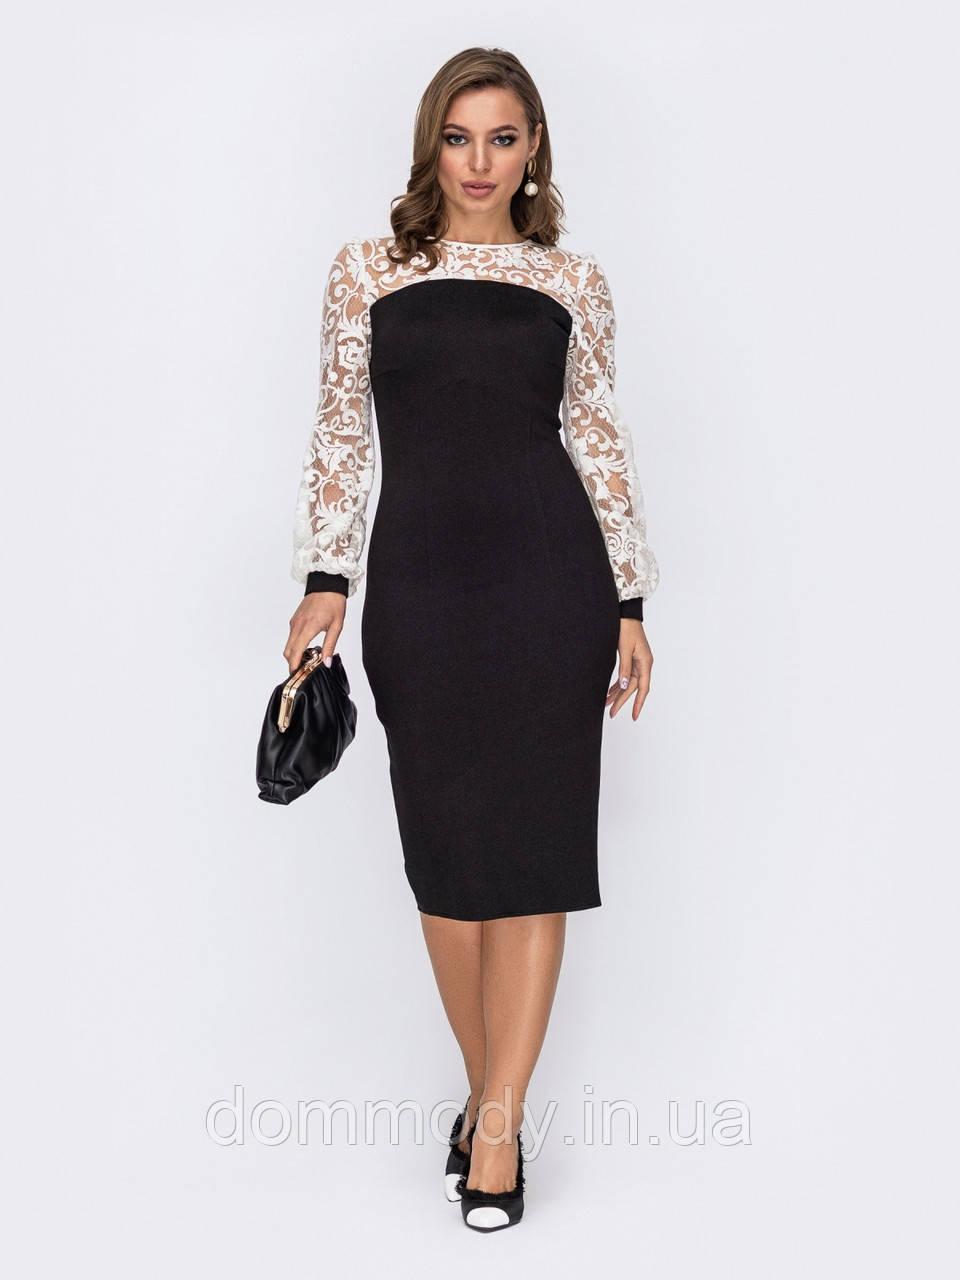 Платье женское Сlara black